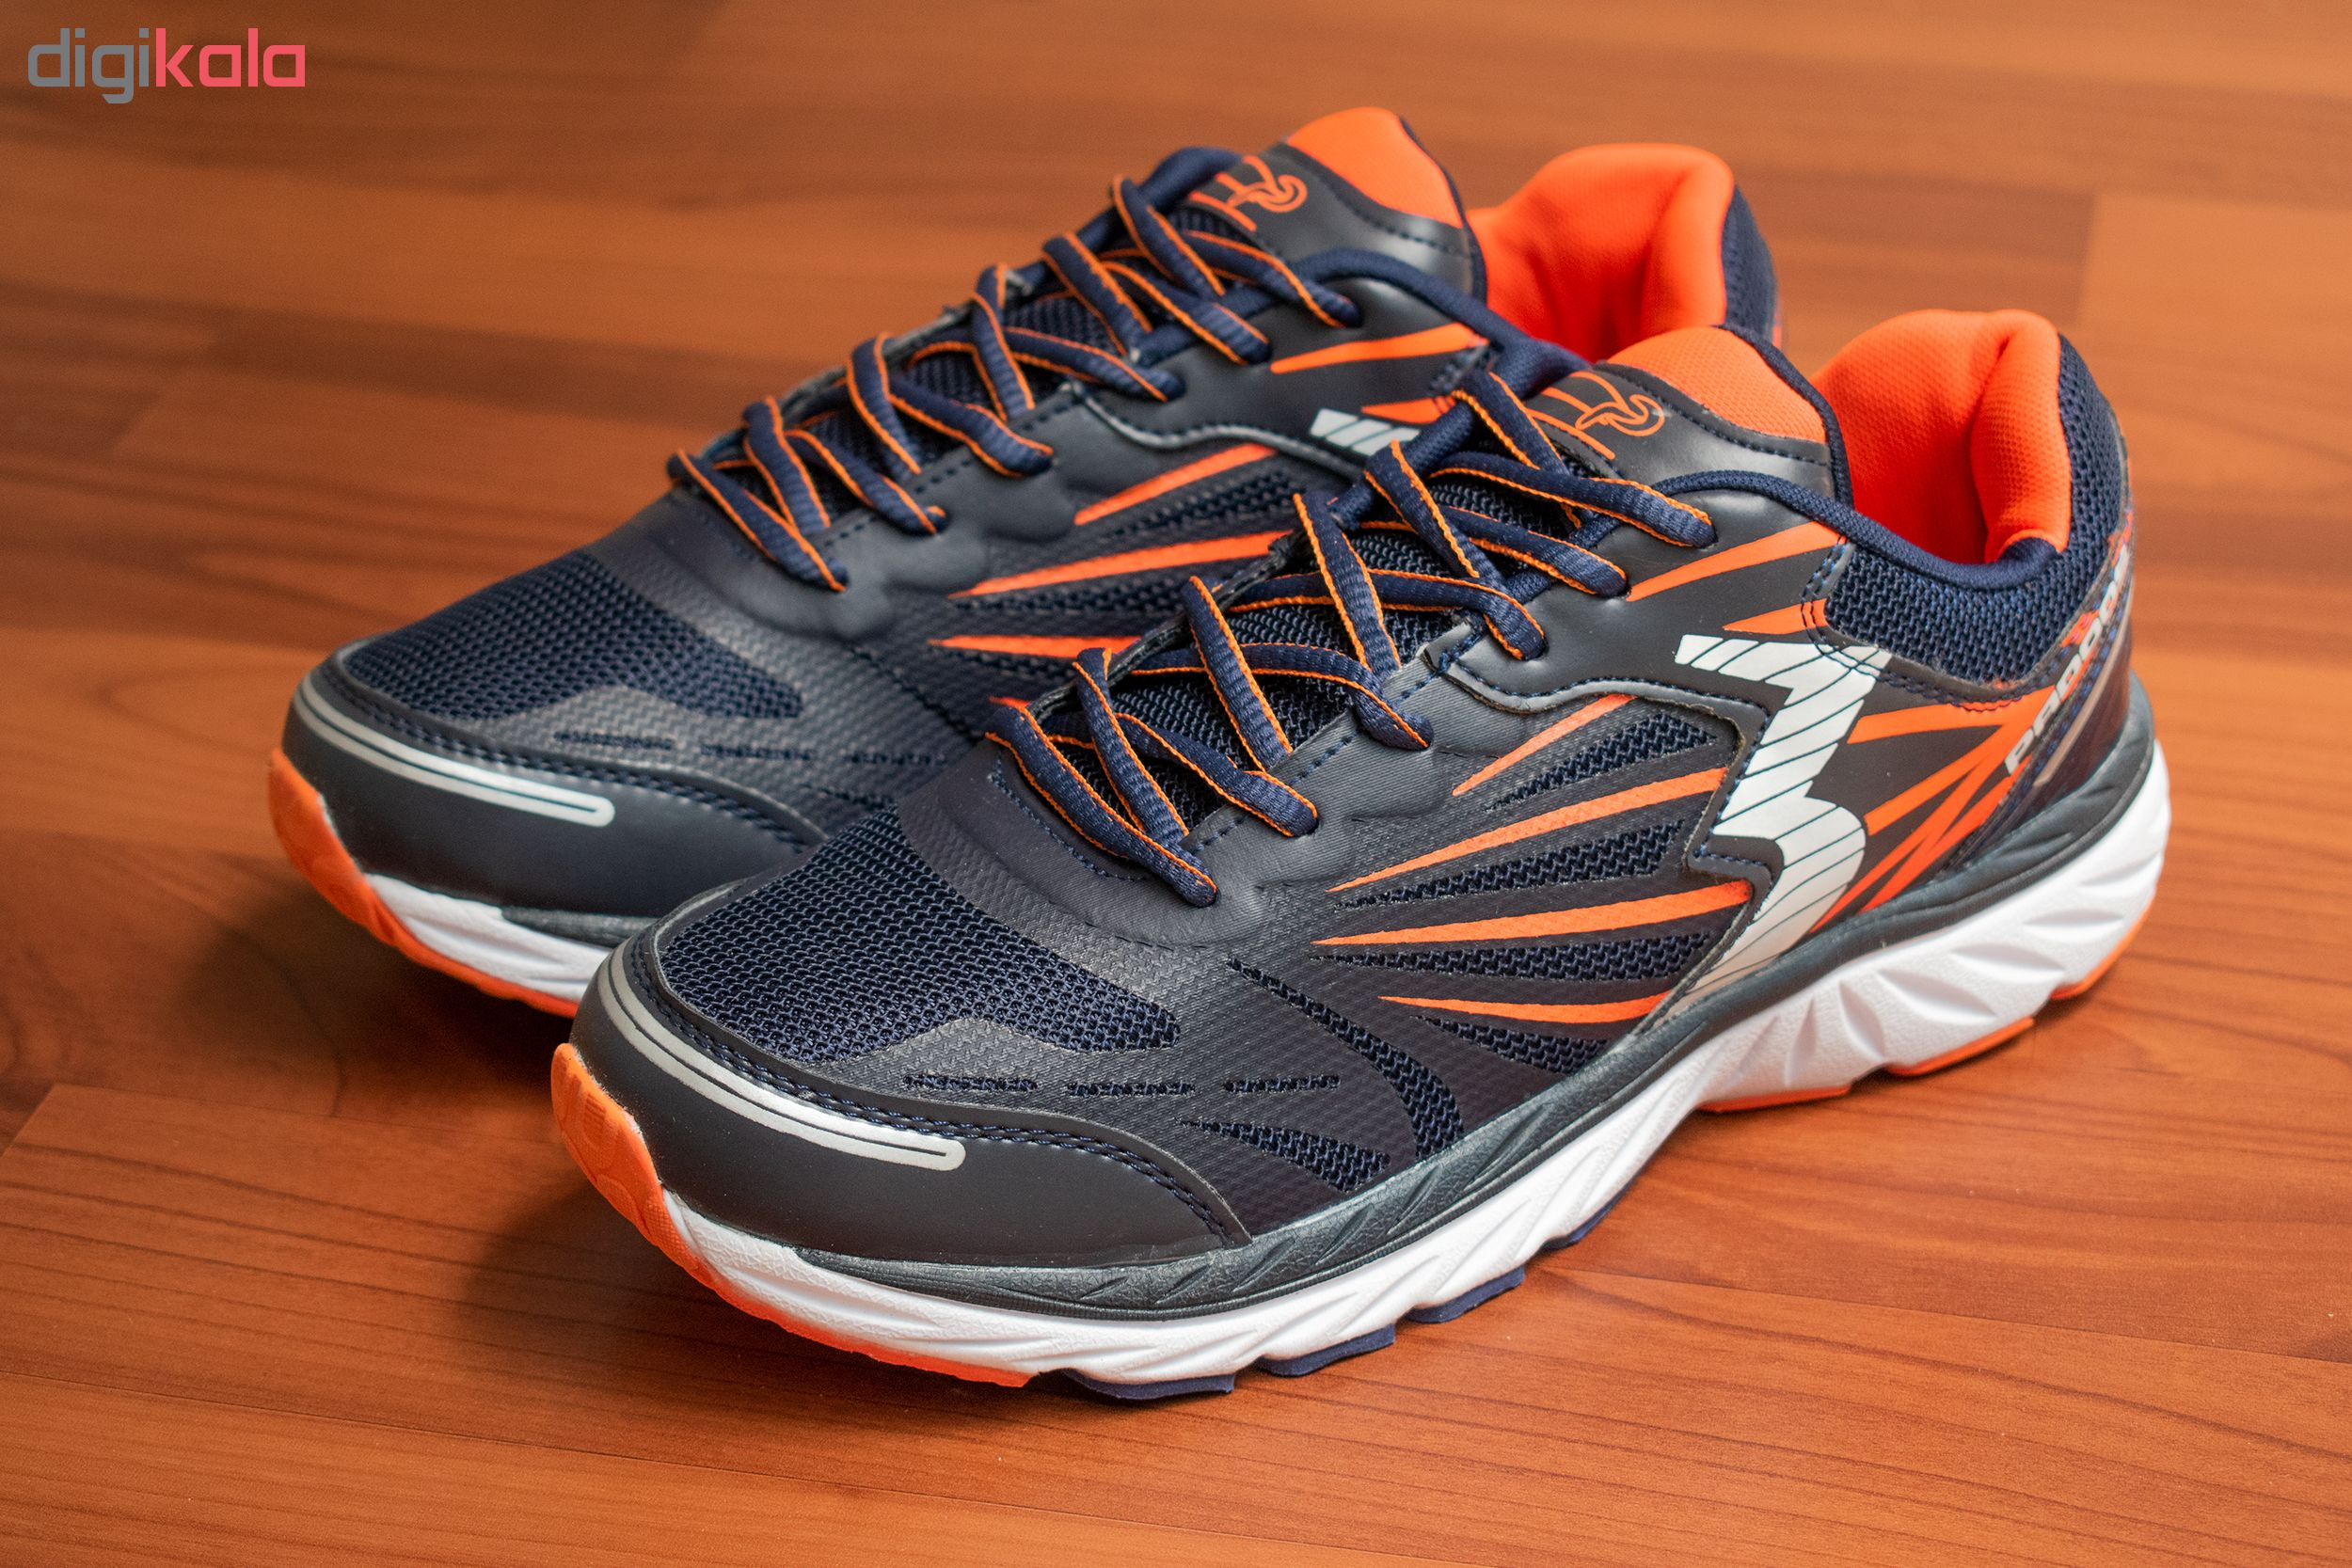 کفش مخصوص پیاده روی مردانه پادوس مدل ویتارا کد 4158